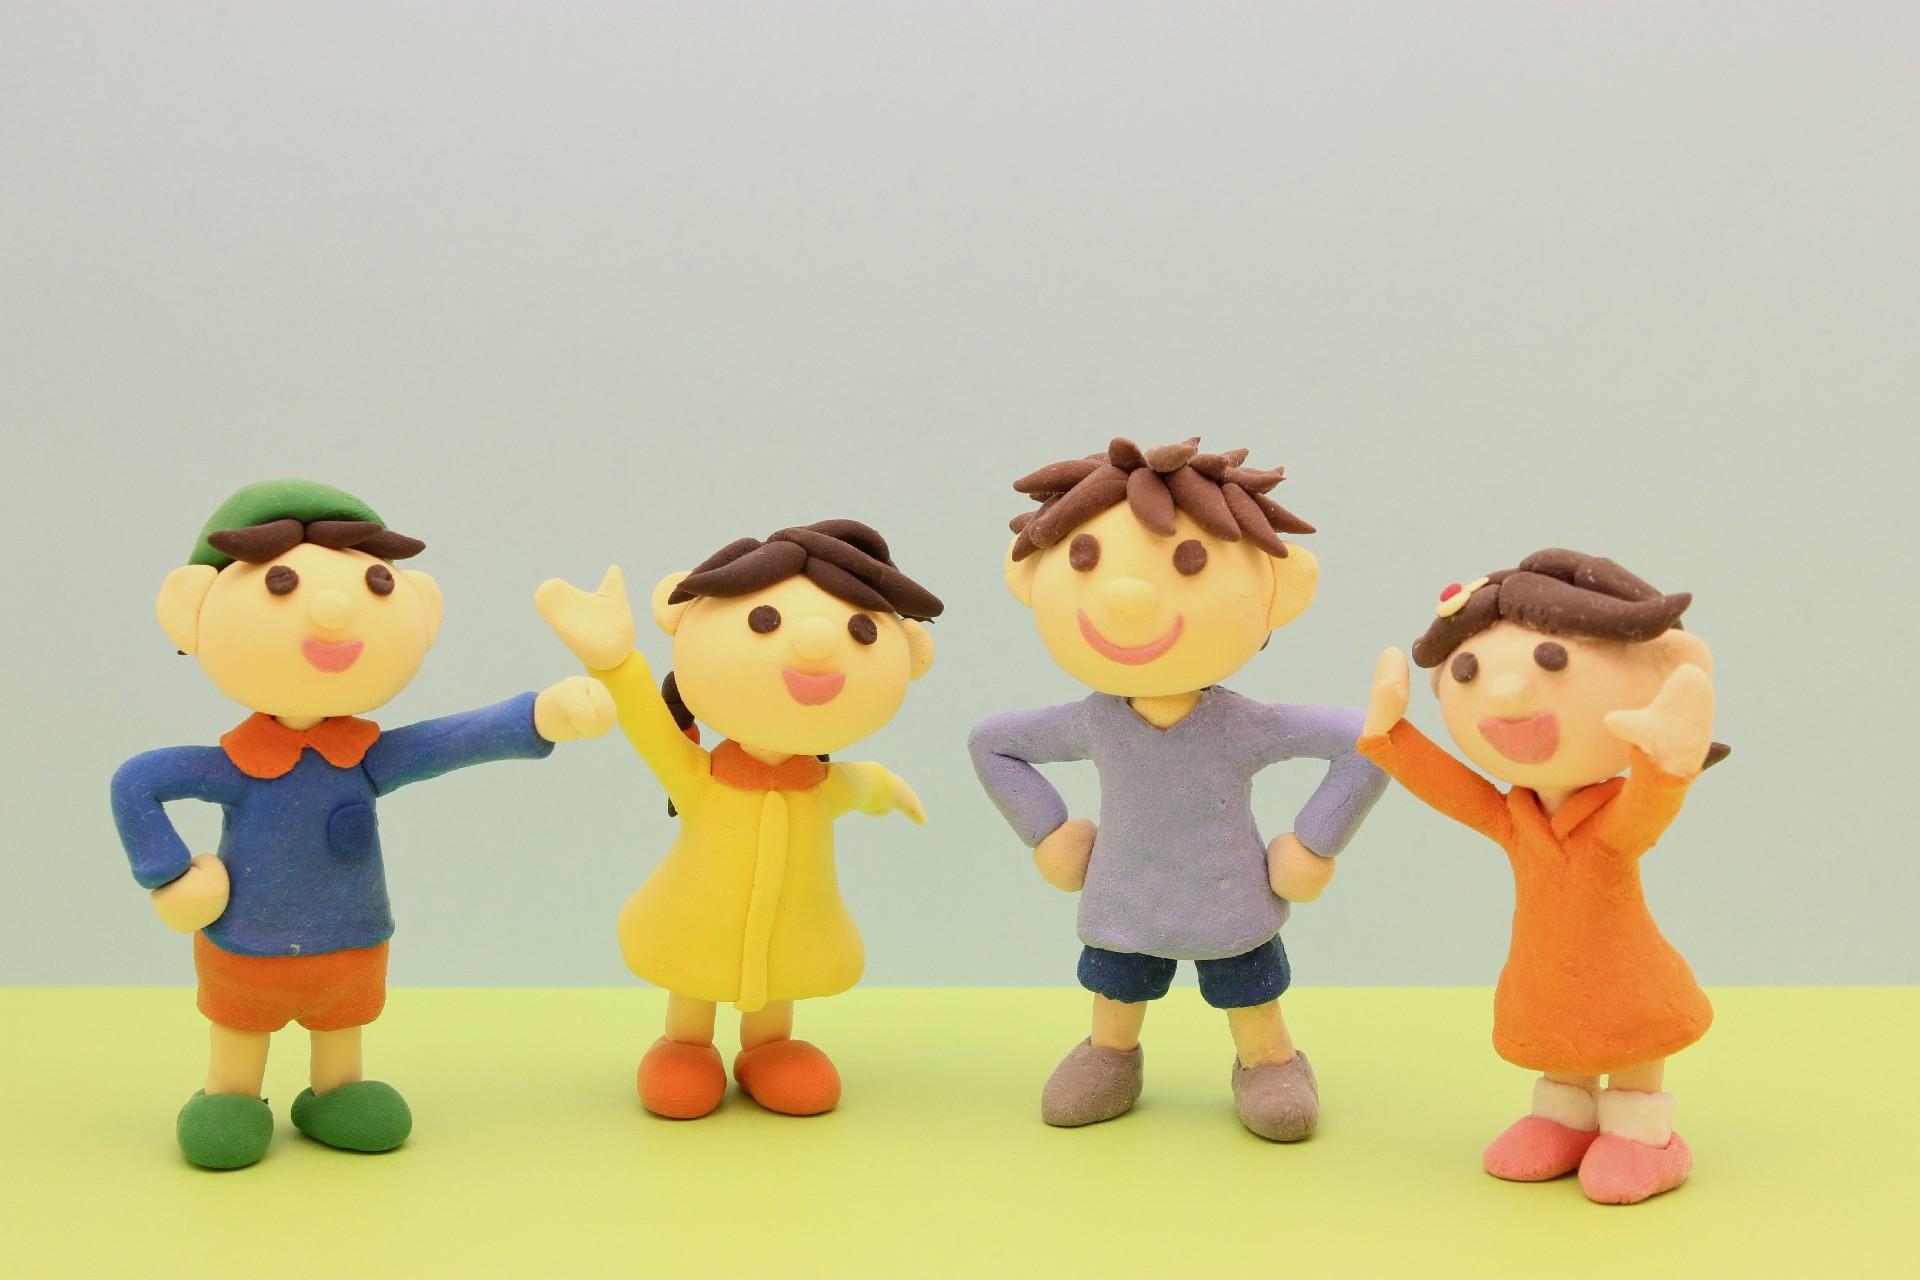 子どもの個性を見分け、個性を伸ばす方法とは?-「違い」と「間違い」を混同しない向き合い方